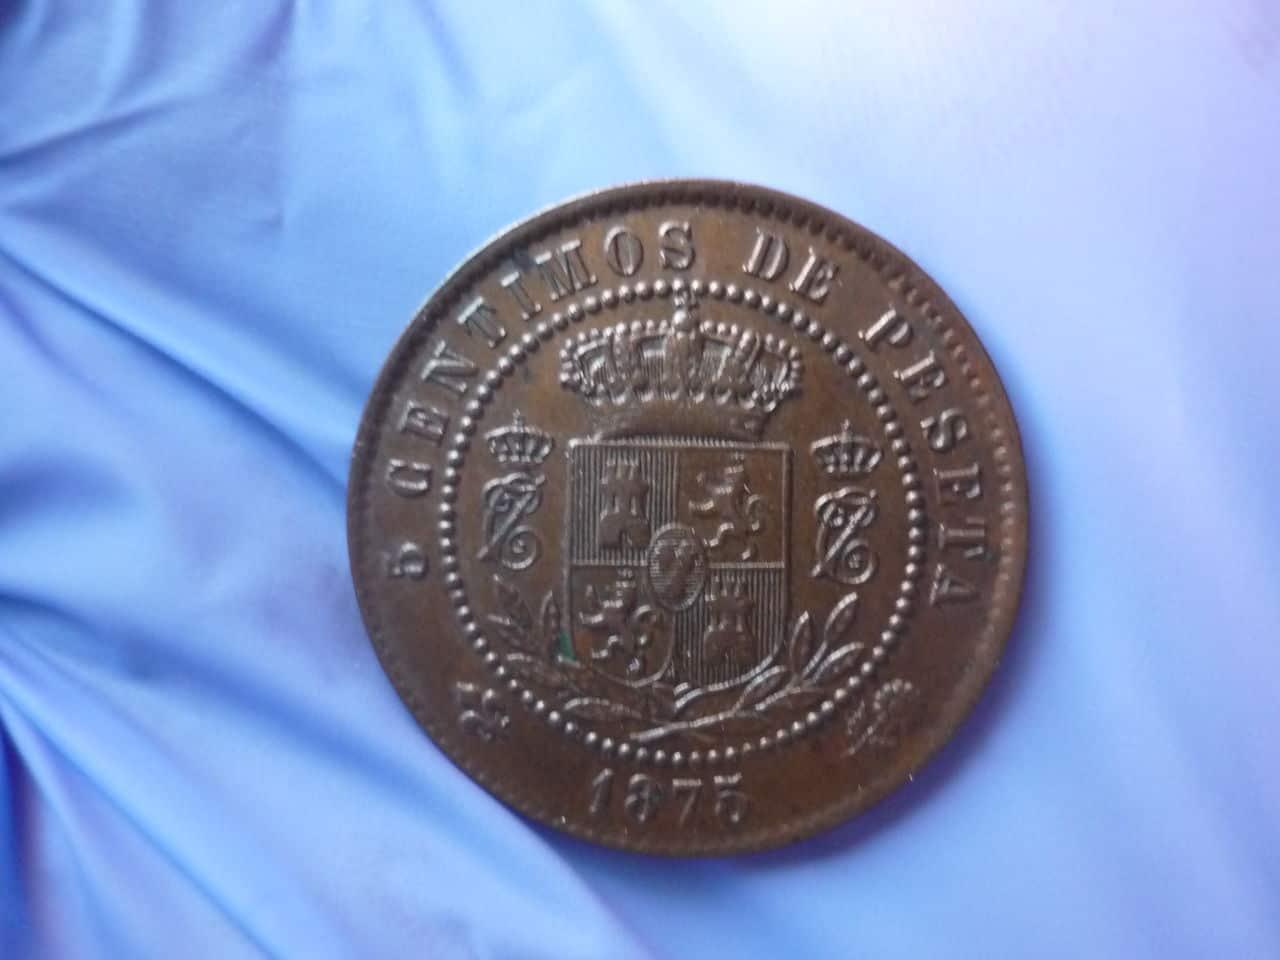 5 centimos CARLOS VII 1875 - ayuda con manchas verdes P1040283